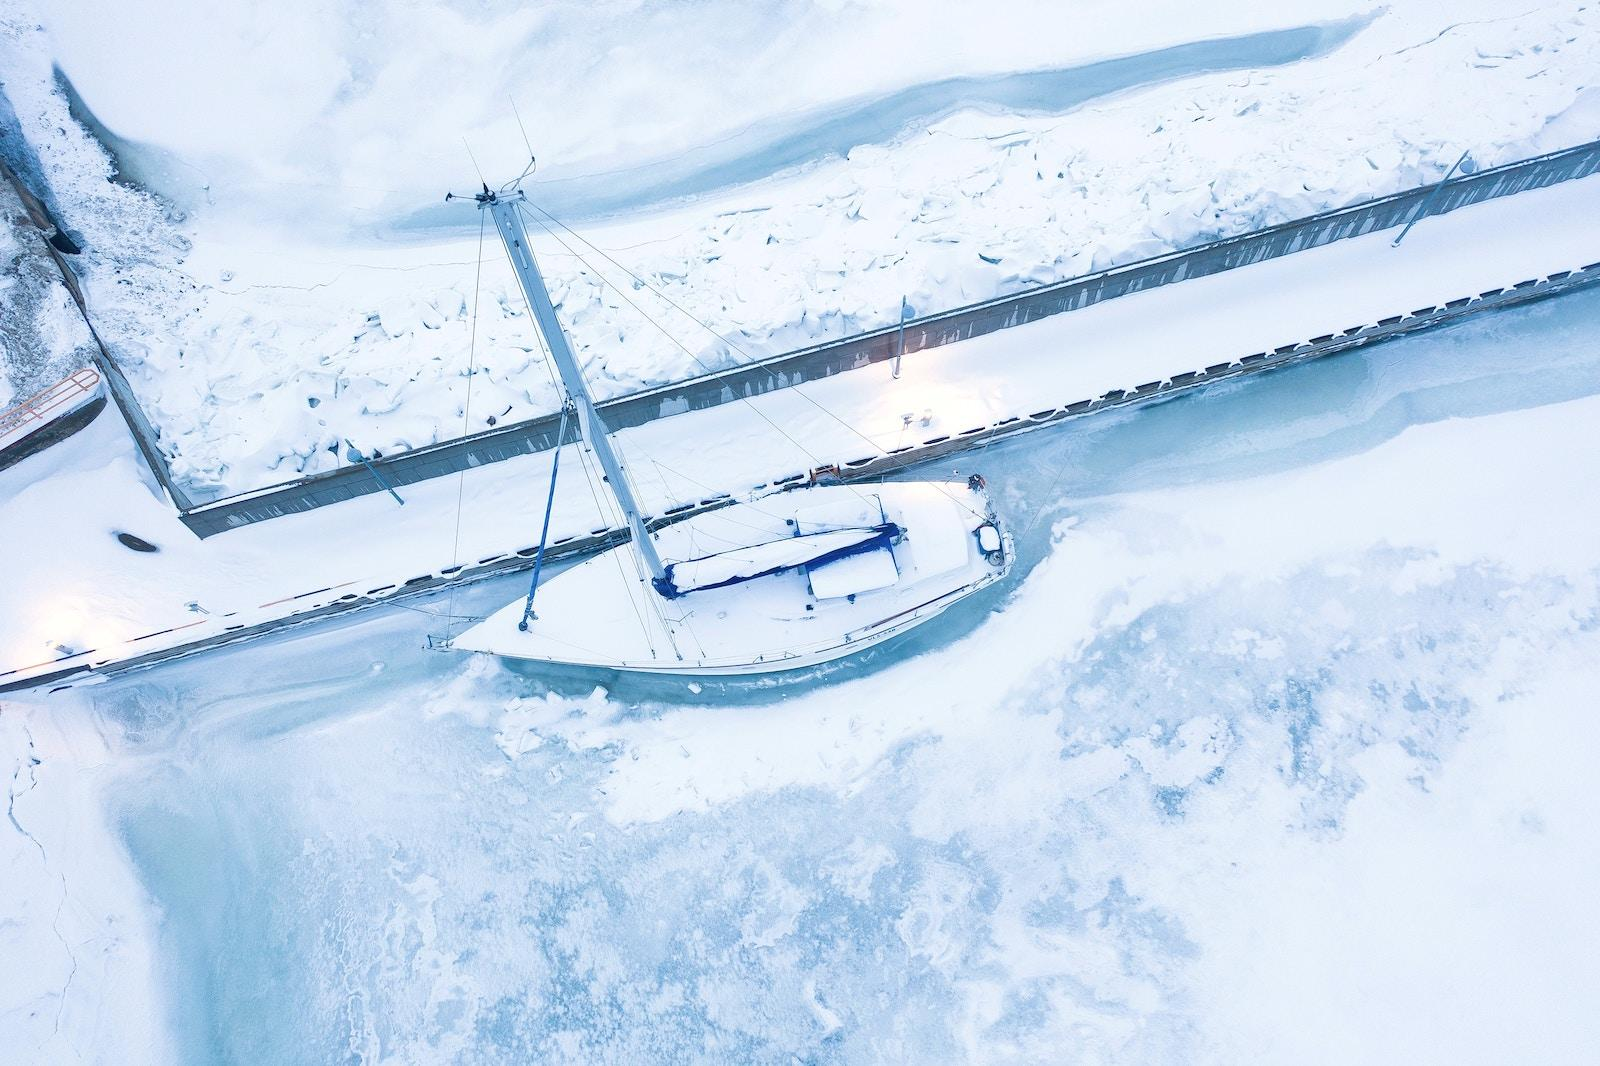 Overlev vinteren: seks måder at blive klar til at sejle